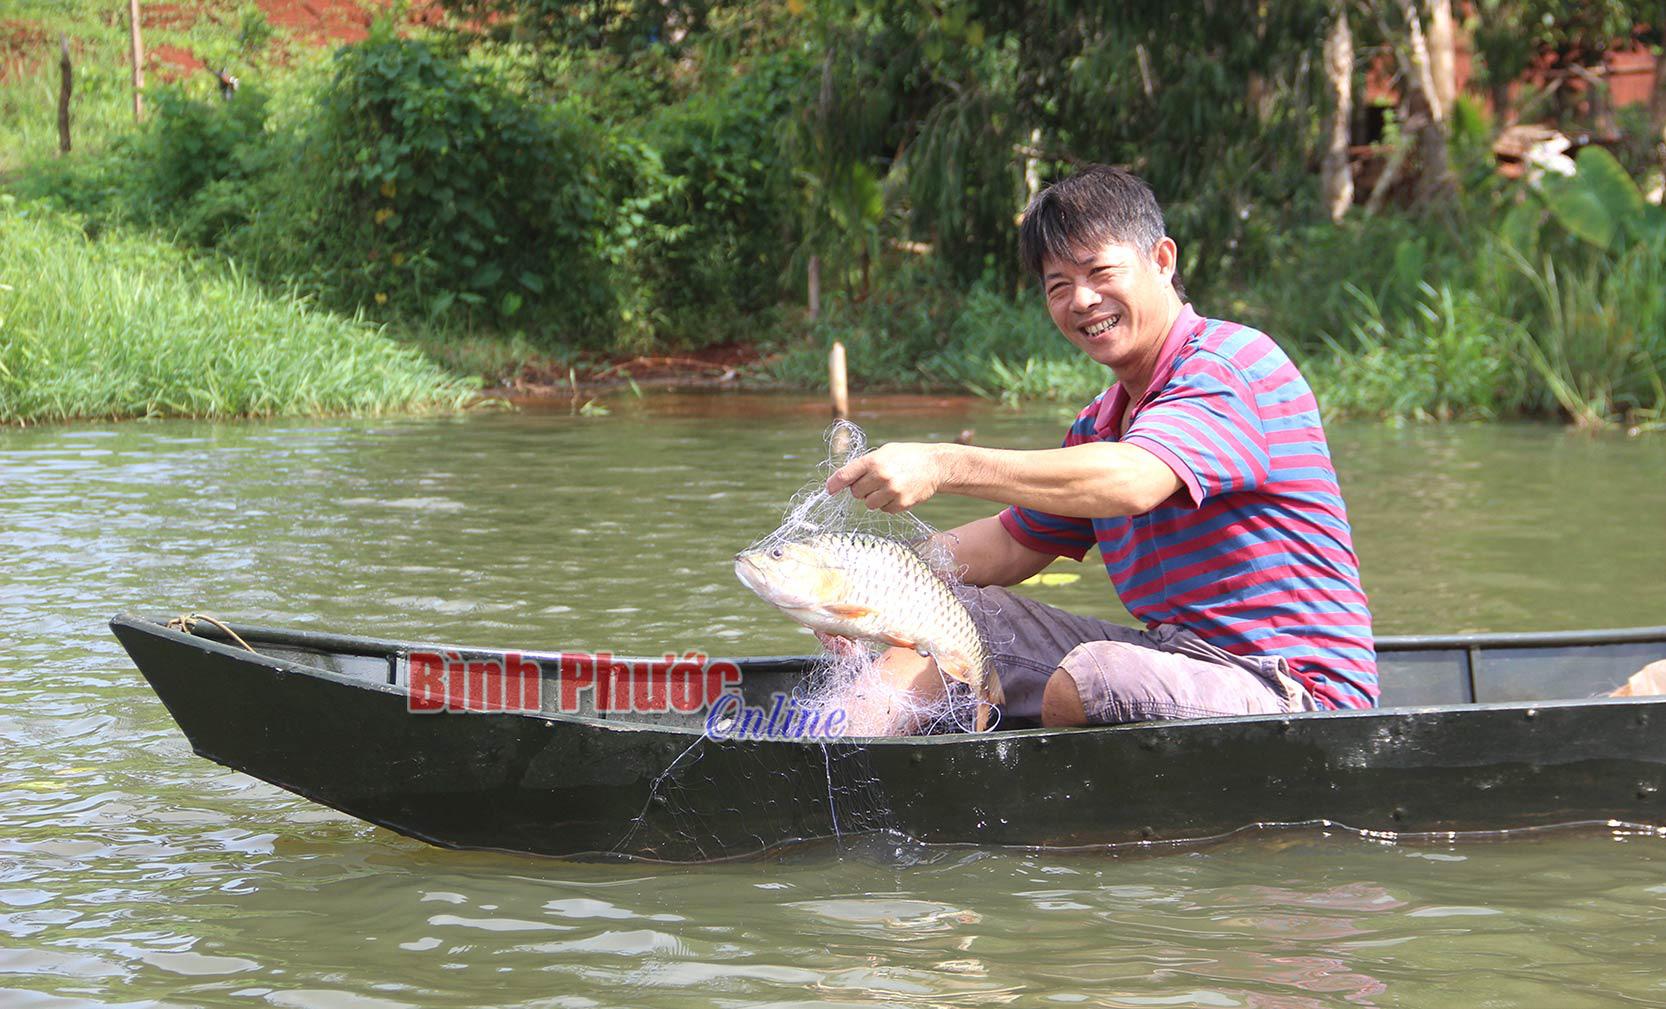 Hồ thủy lợi nào ở tỉnh Bình Phước mà dân mỗi ngày bắt được hàng tạ cá ngon, bán loanh quanh cũng hết sạch? - Ảnh 1.